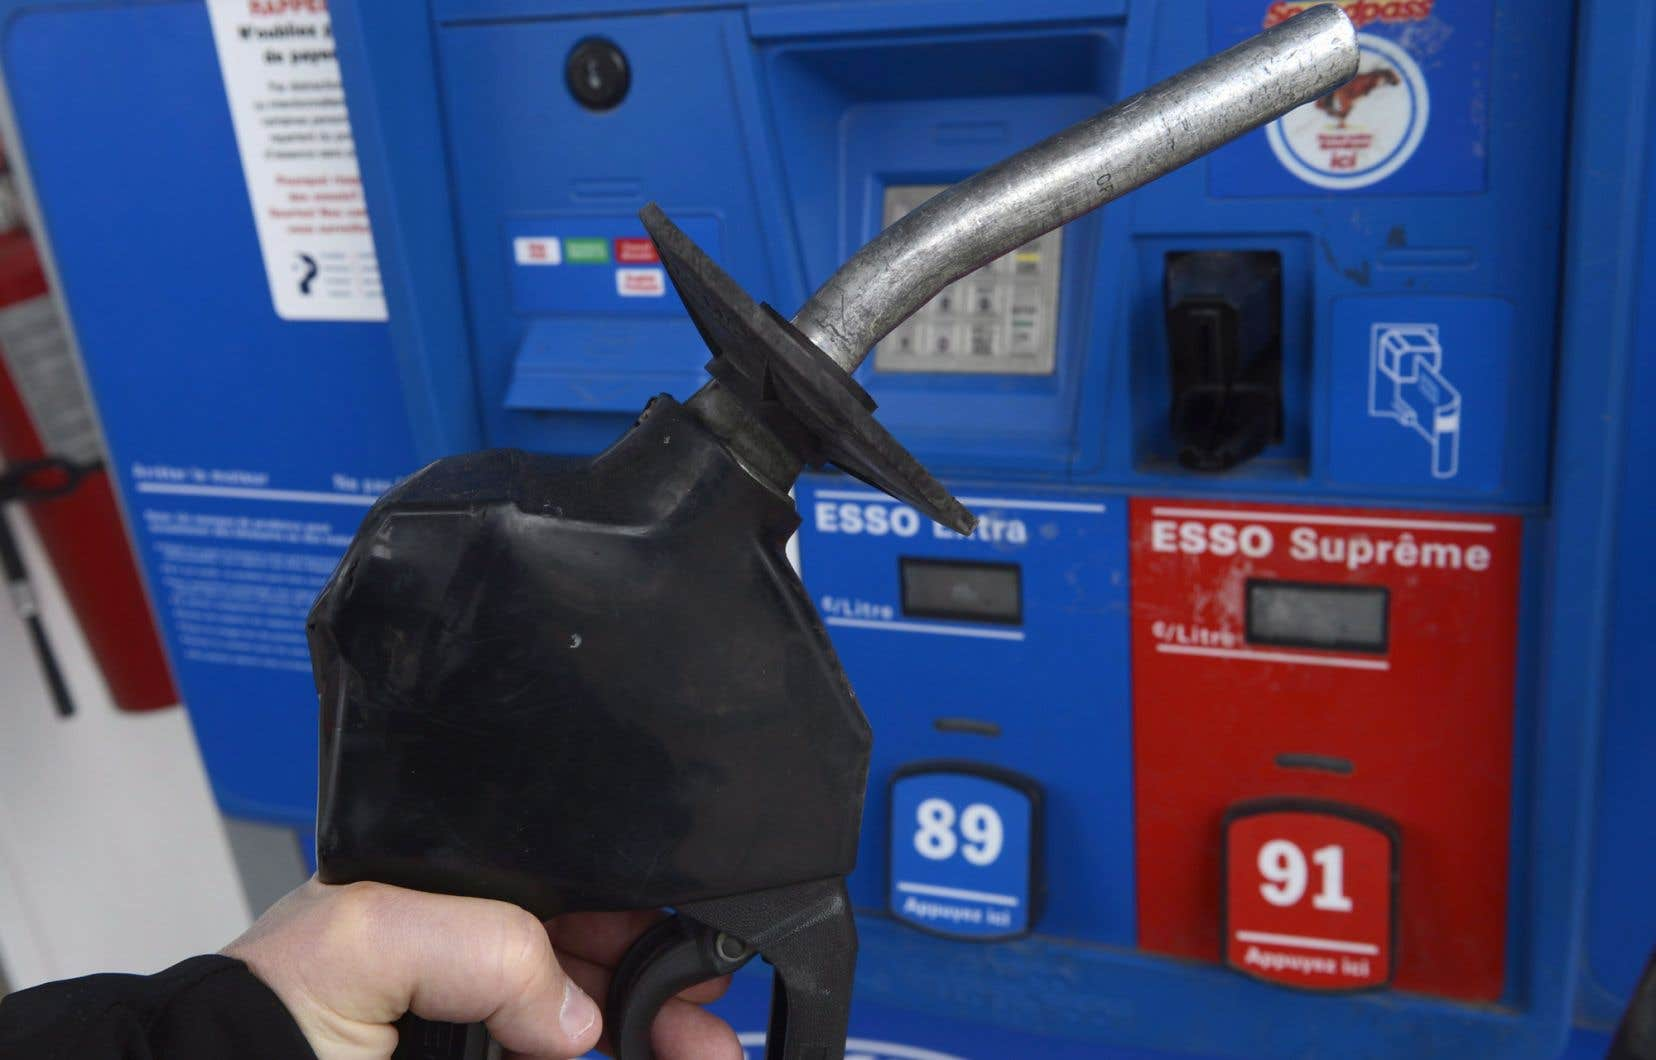 Le prix à la pompe a plongé alors que la fréquence des déplacements en voiture a baissé.